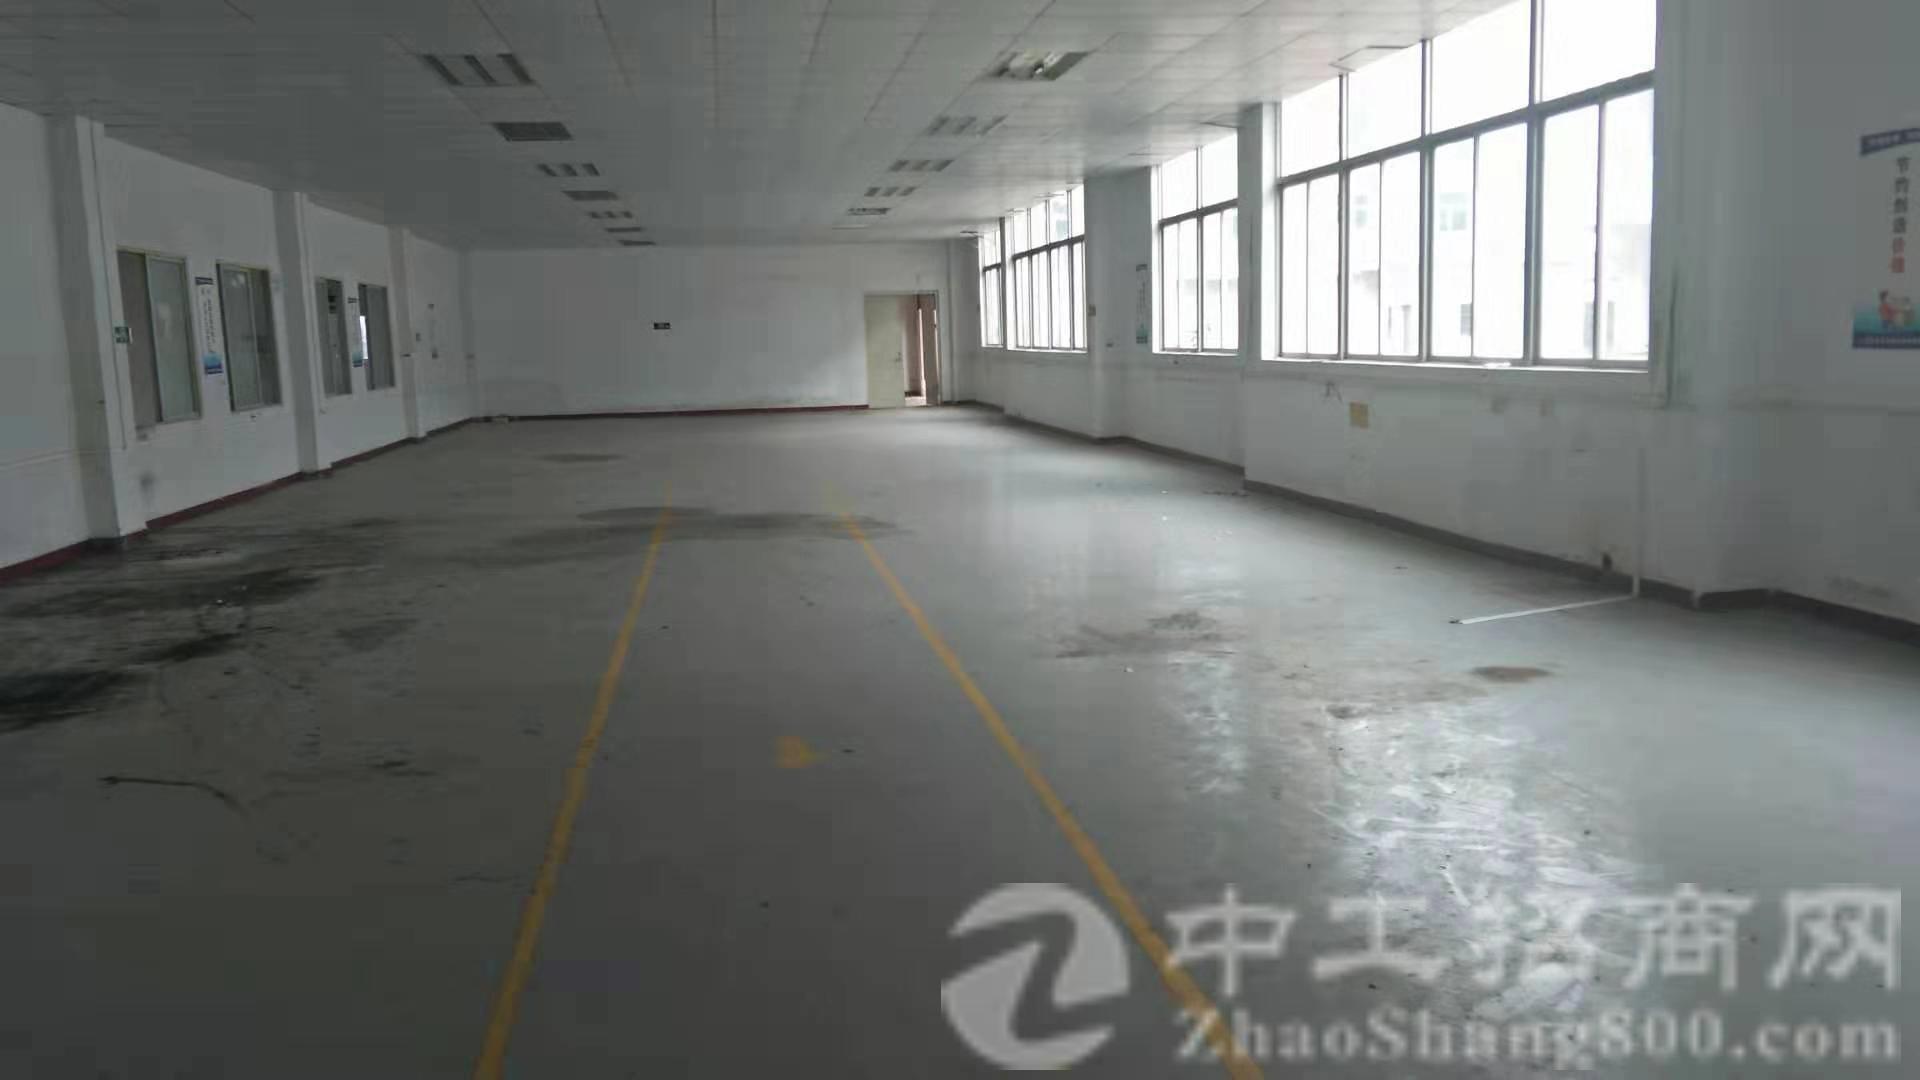 狮岭镇新杨原房东独院厂房仓库8000方分租任何行业大小可分租